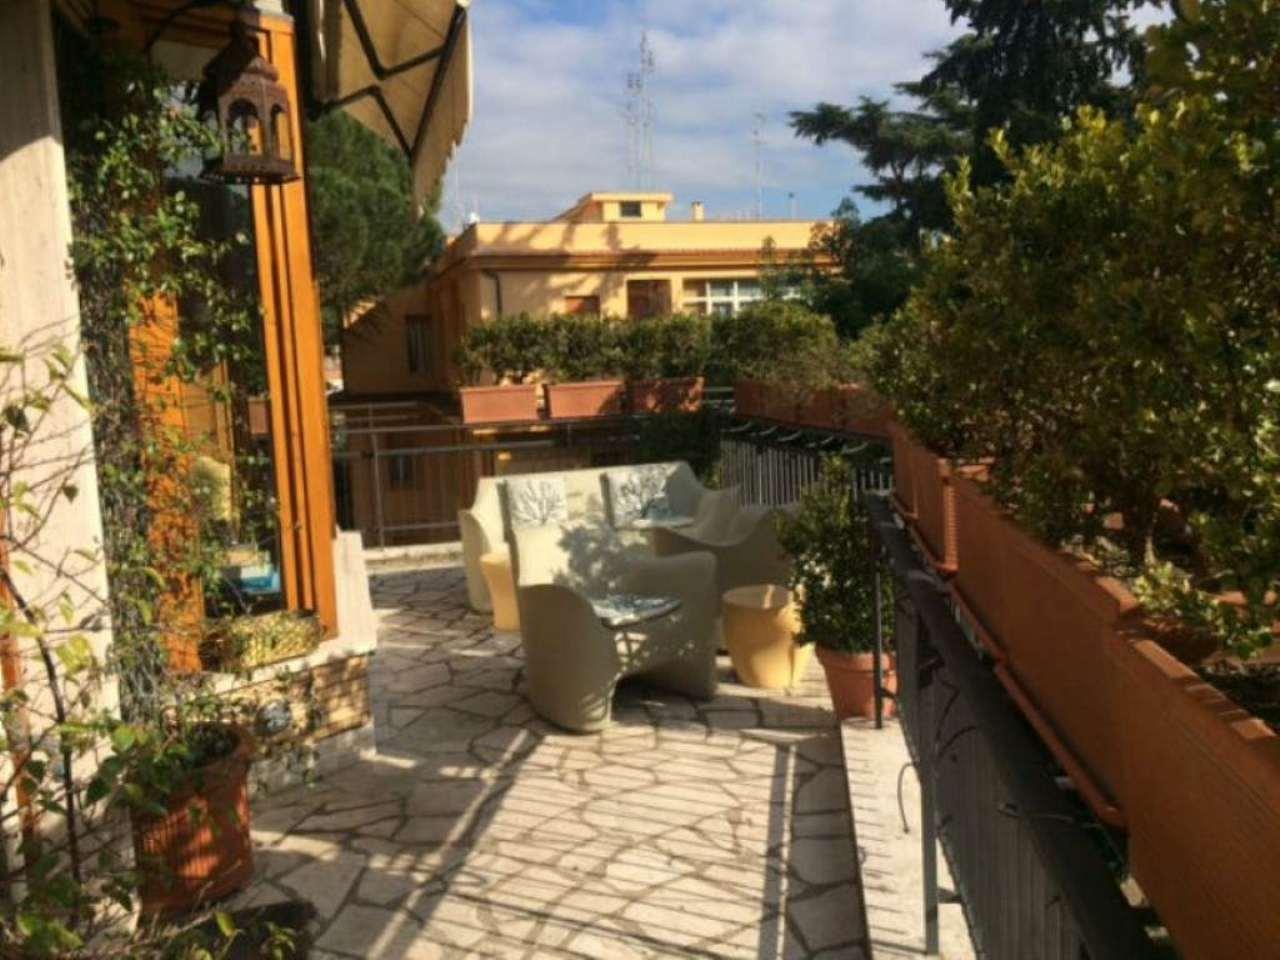 Attico in Vendita a Roma: 5 locali, 200 mq - Foto 1